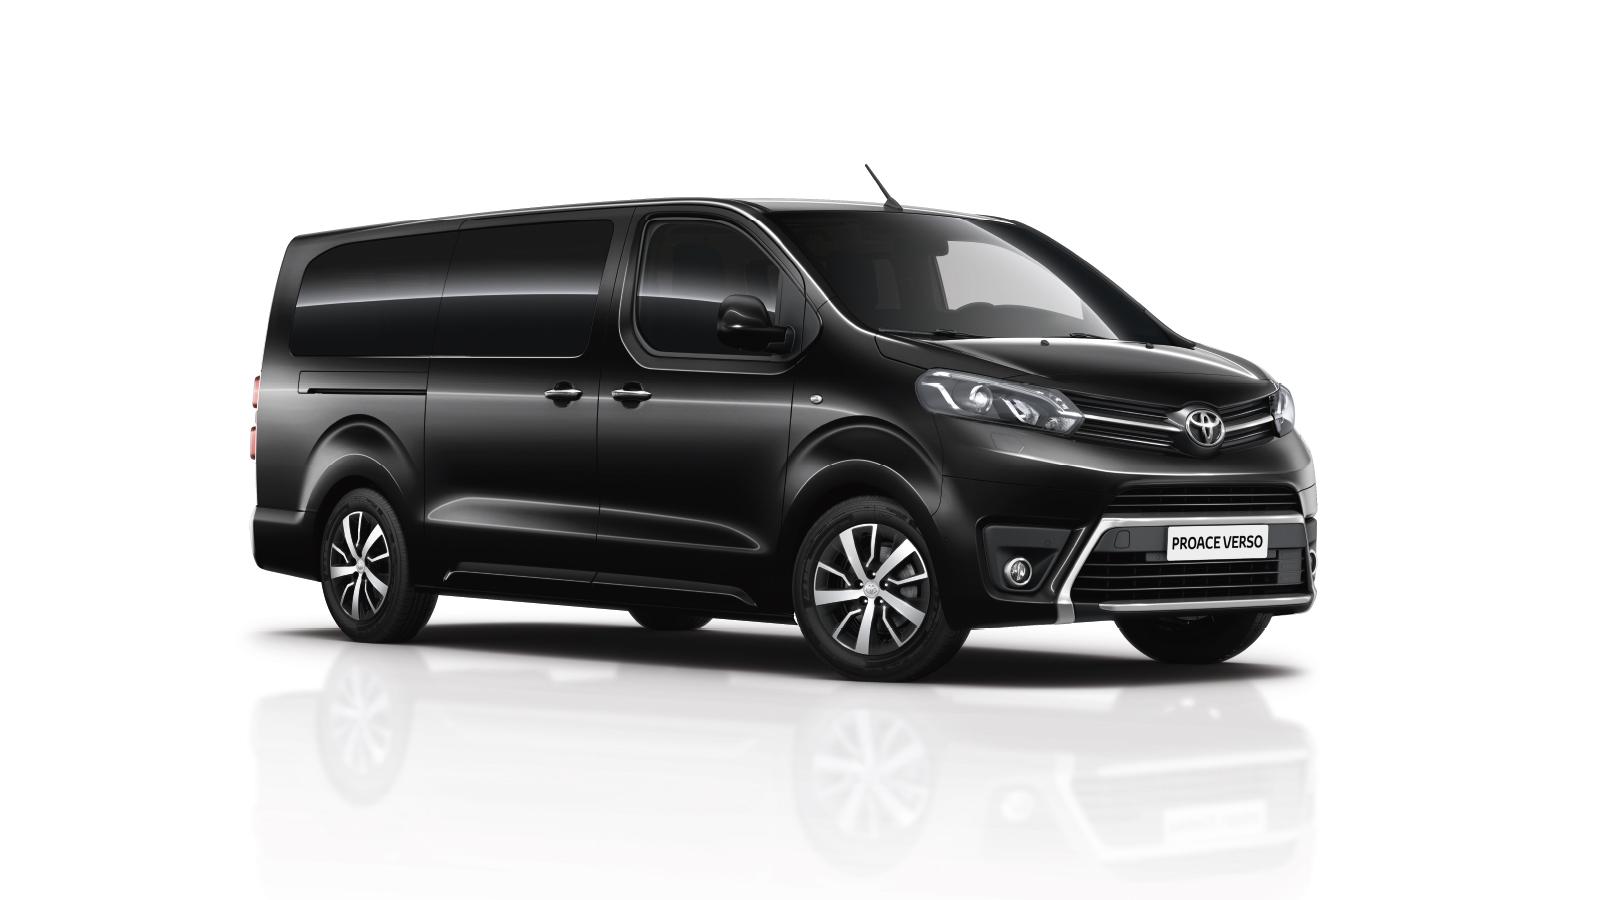 Kelebihan Kekurangan Toyota Pro Ace Spesifikasi